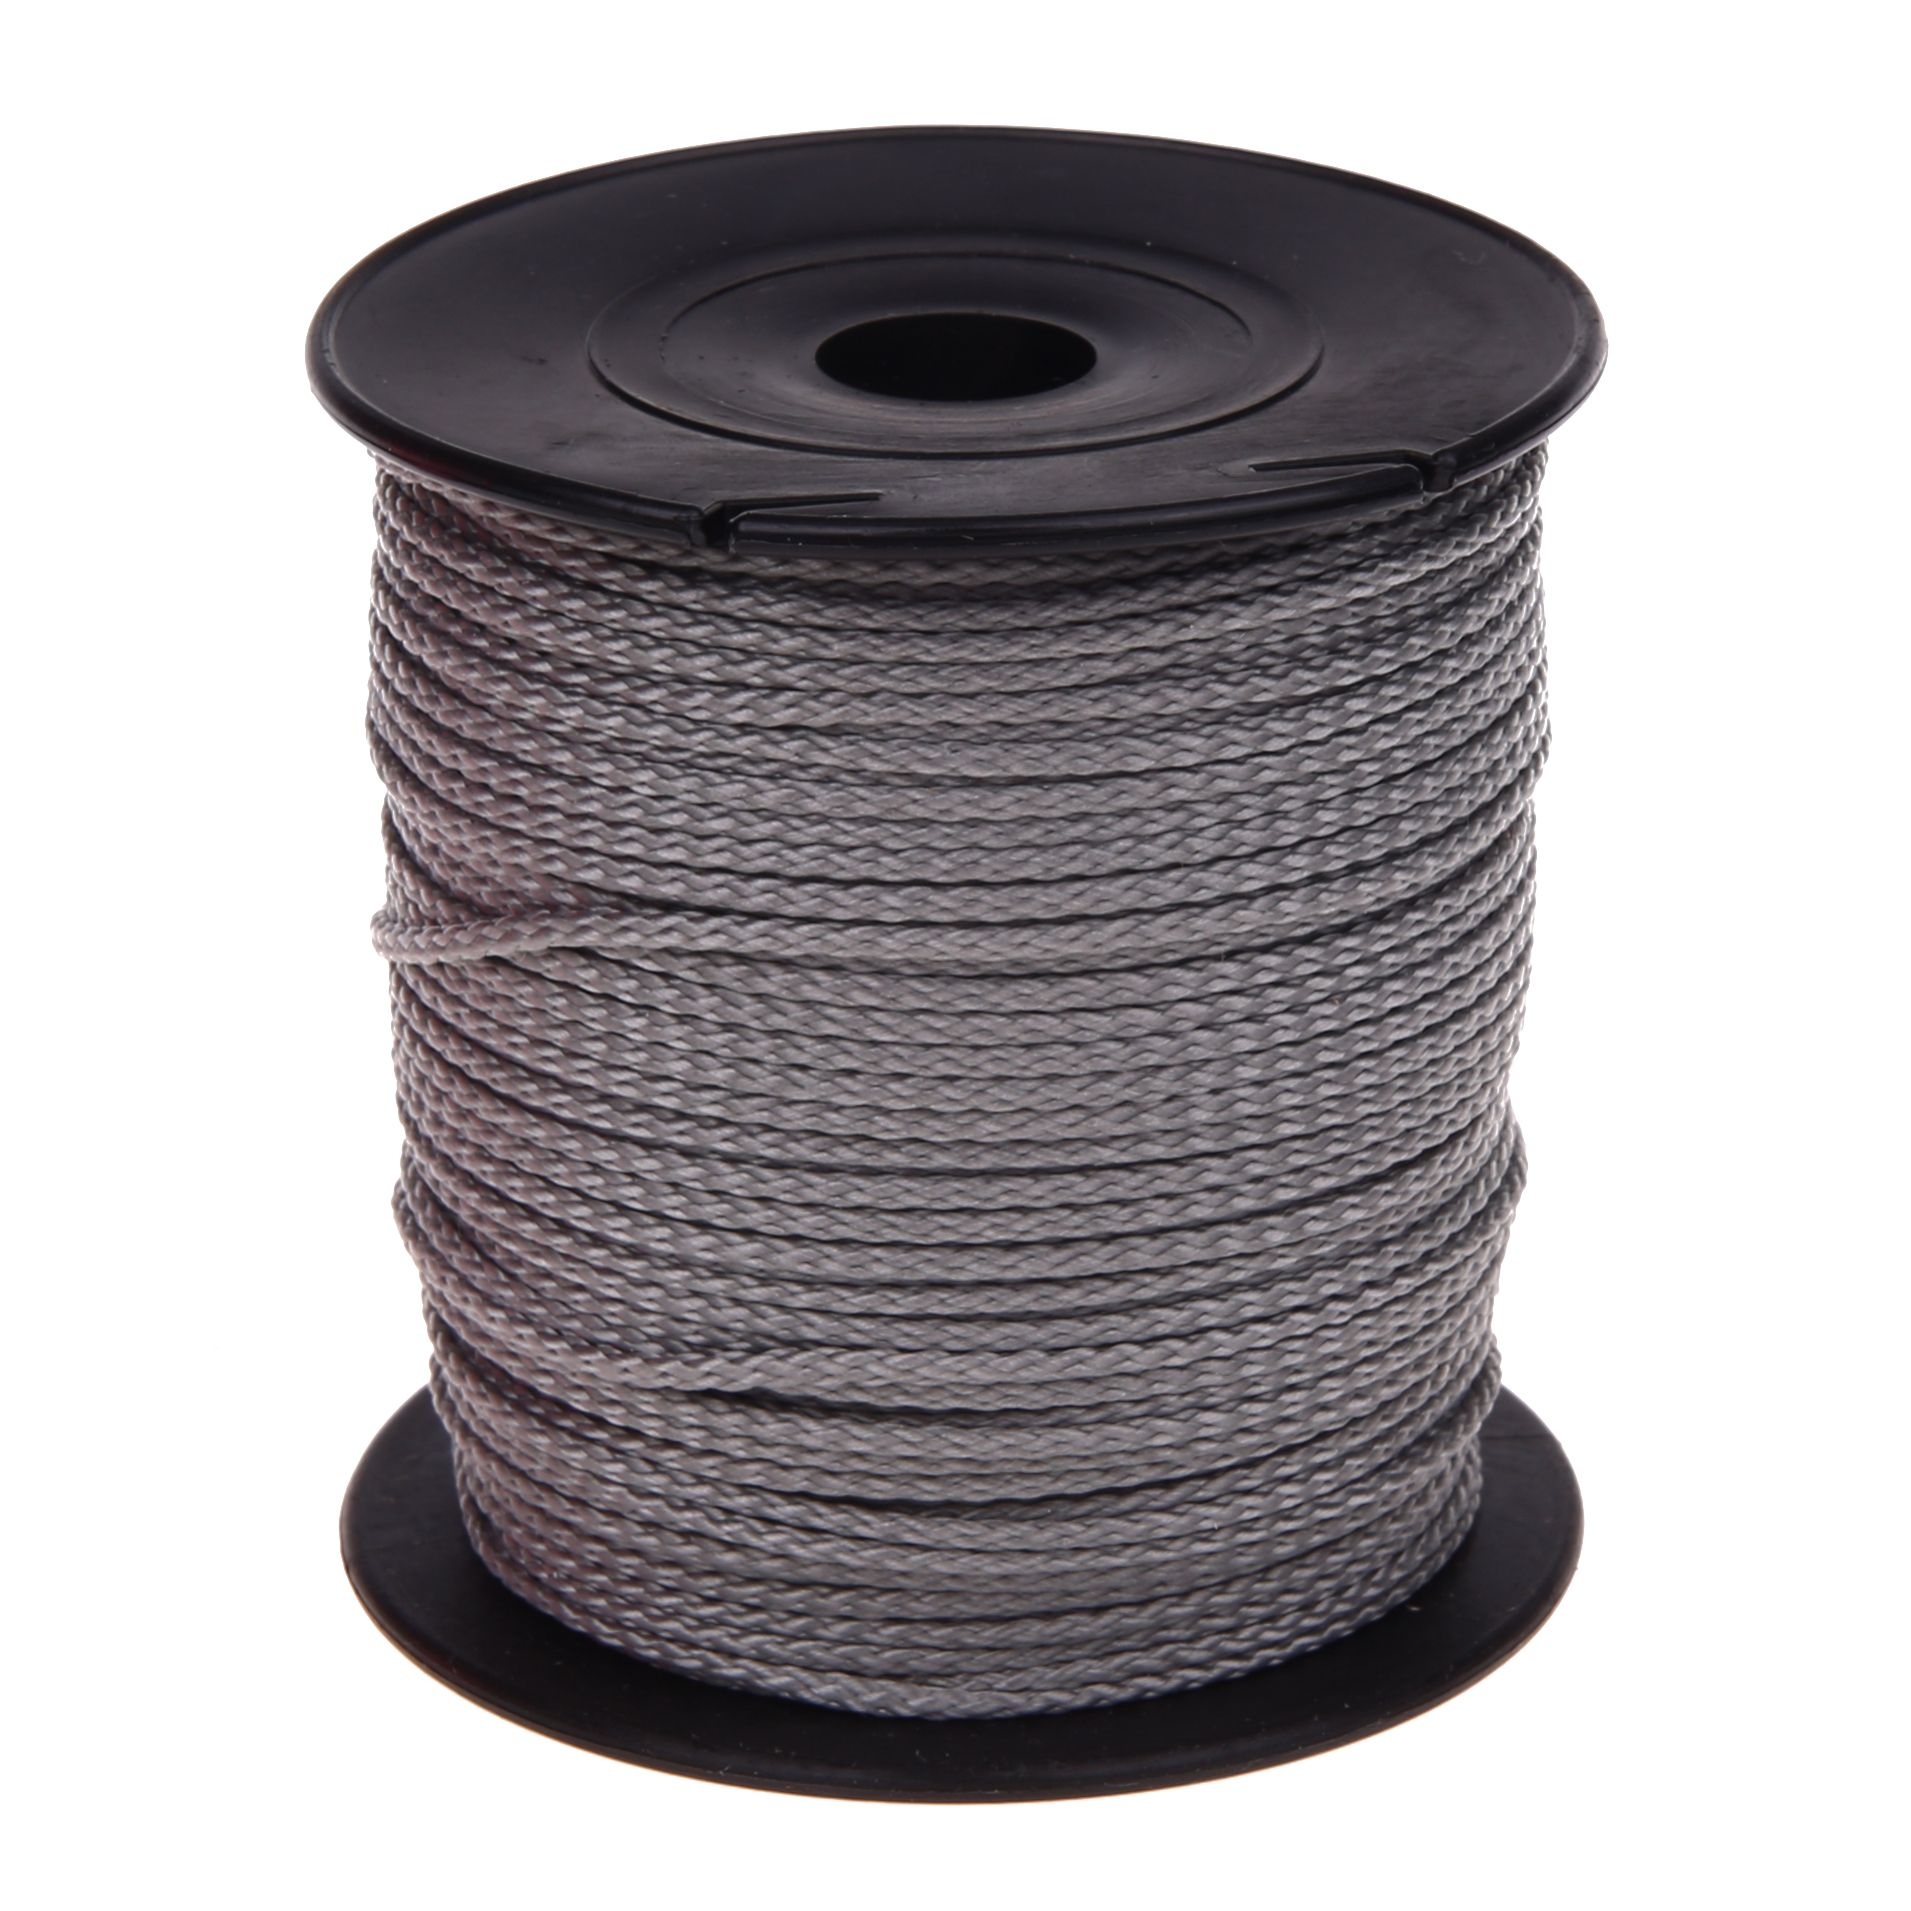 Polyester-Faden Ø 1,5mm • 1 Meter 'grau' 3362 auf Lager